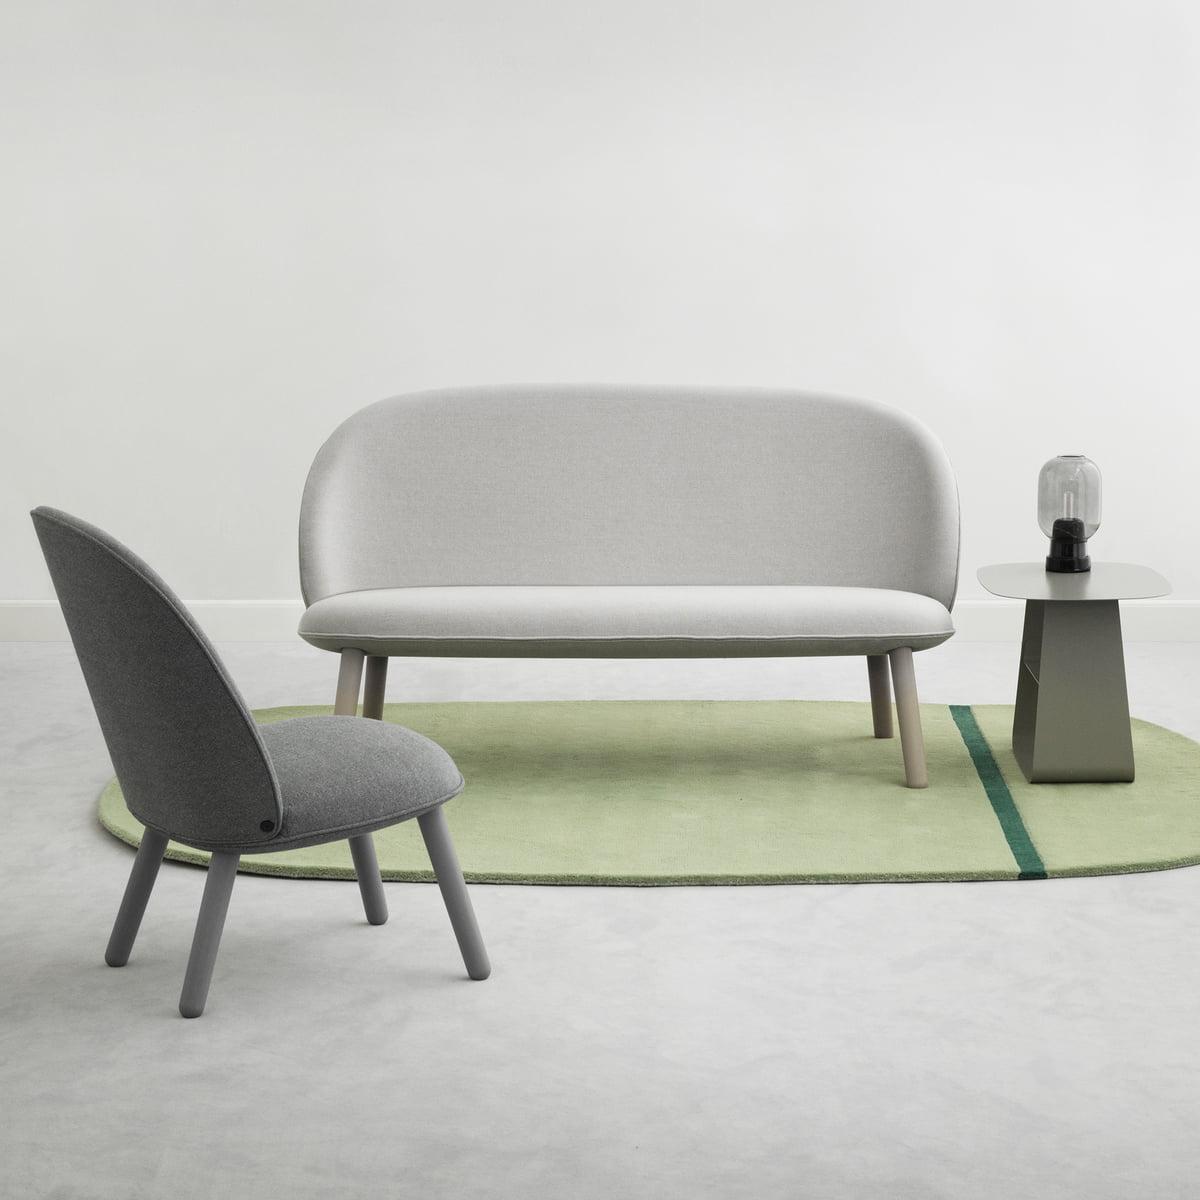 ace sofa nist und lounge chair nist von normann copenhagen - Einfache Dekoration Und Mobel Kuchenutensilien Mit Schickem Design